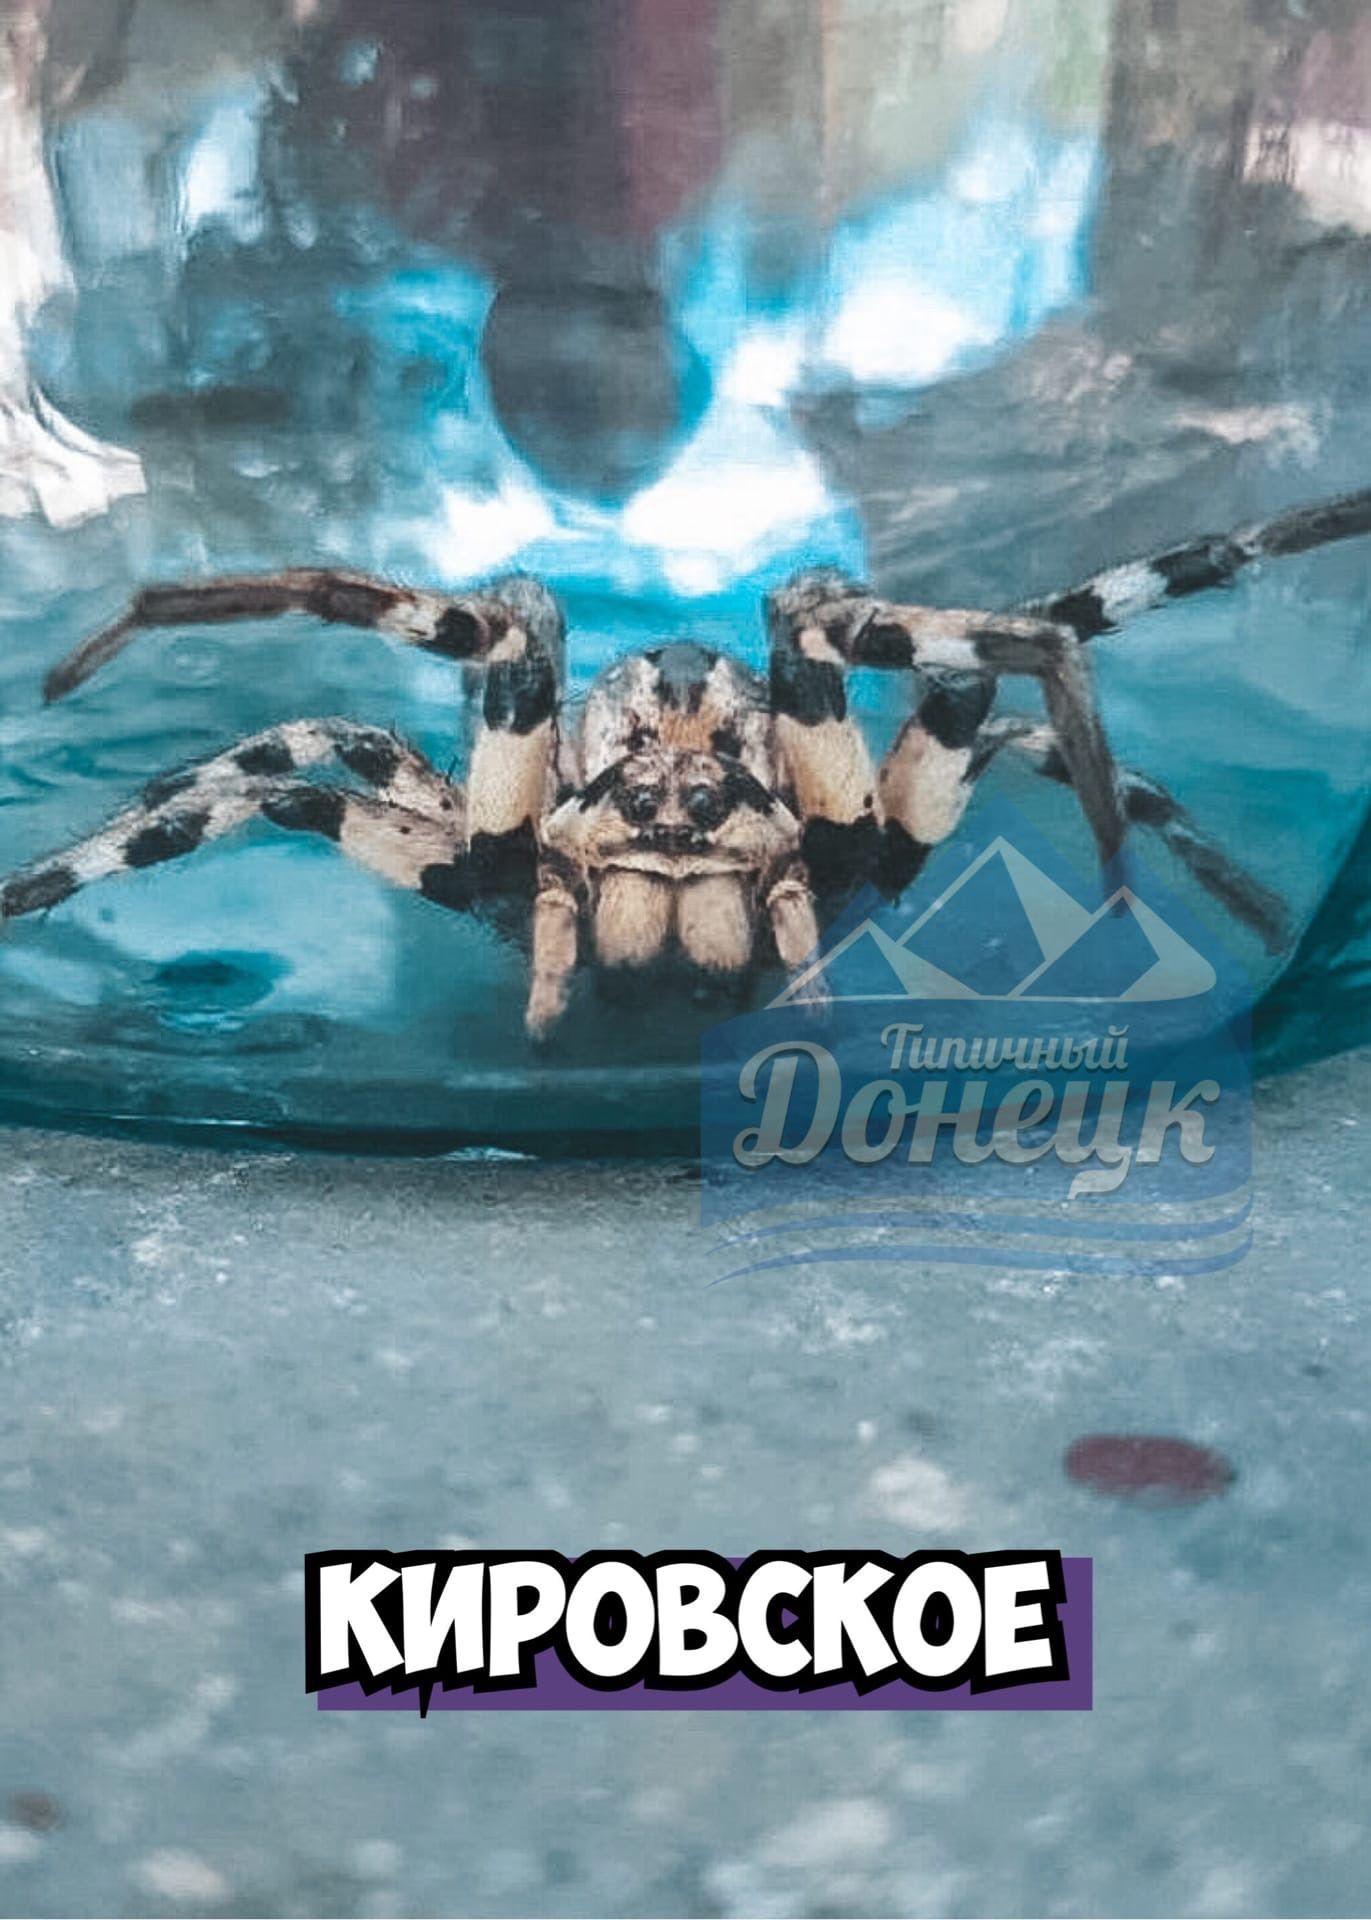 Опасные пауки заполонили Донецк: в соцсетях выложили фото членистоногих